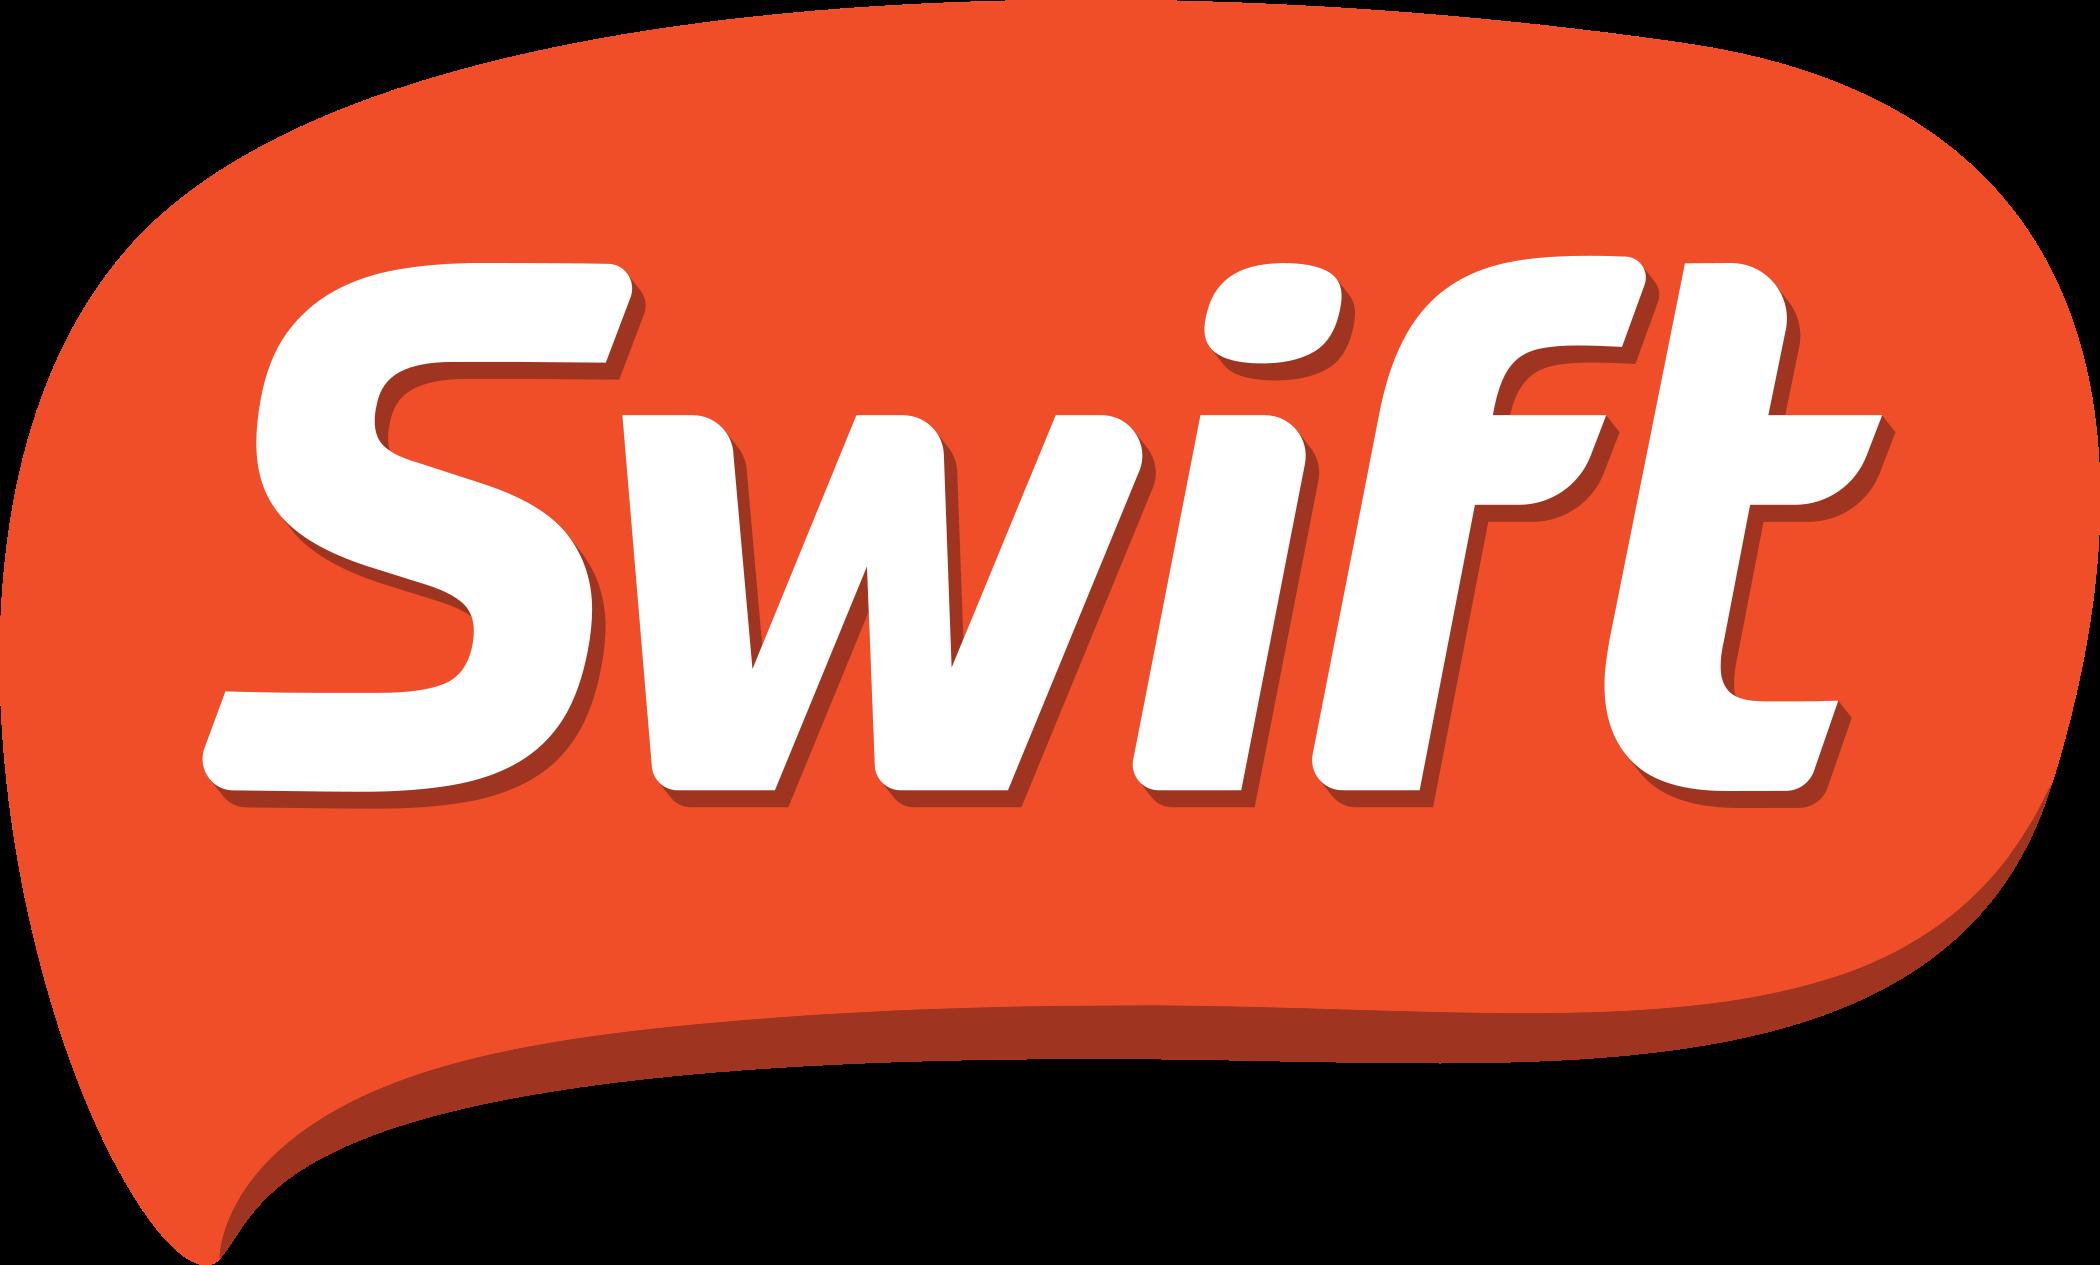 swift foods logo 1 - Swift Foods Logo